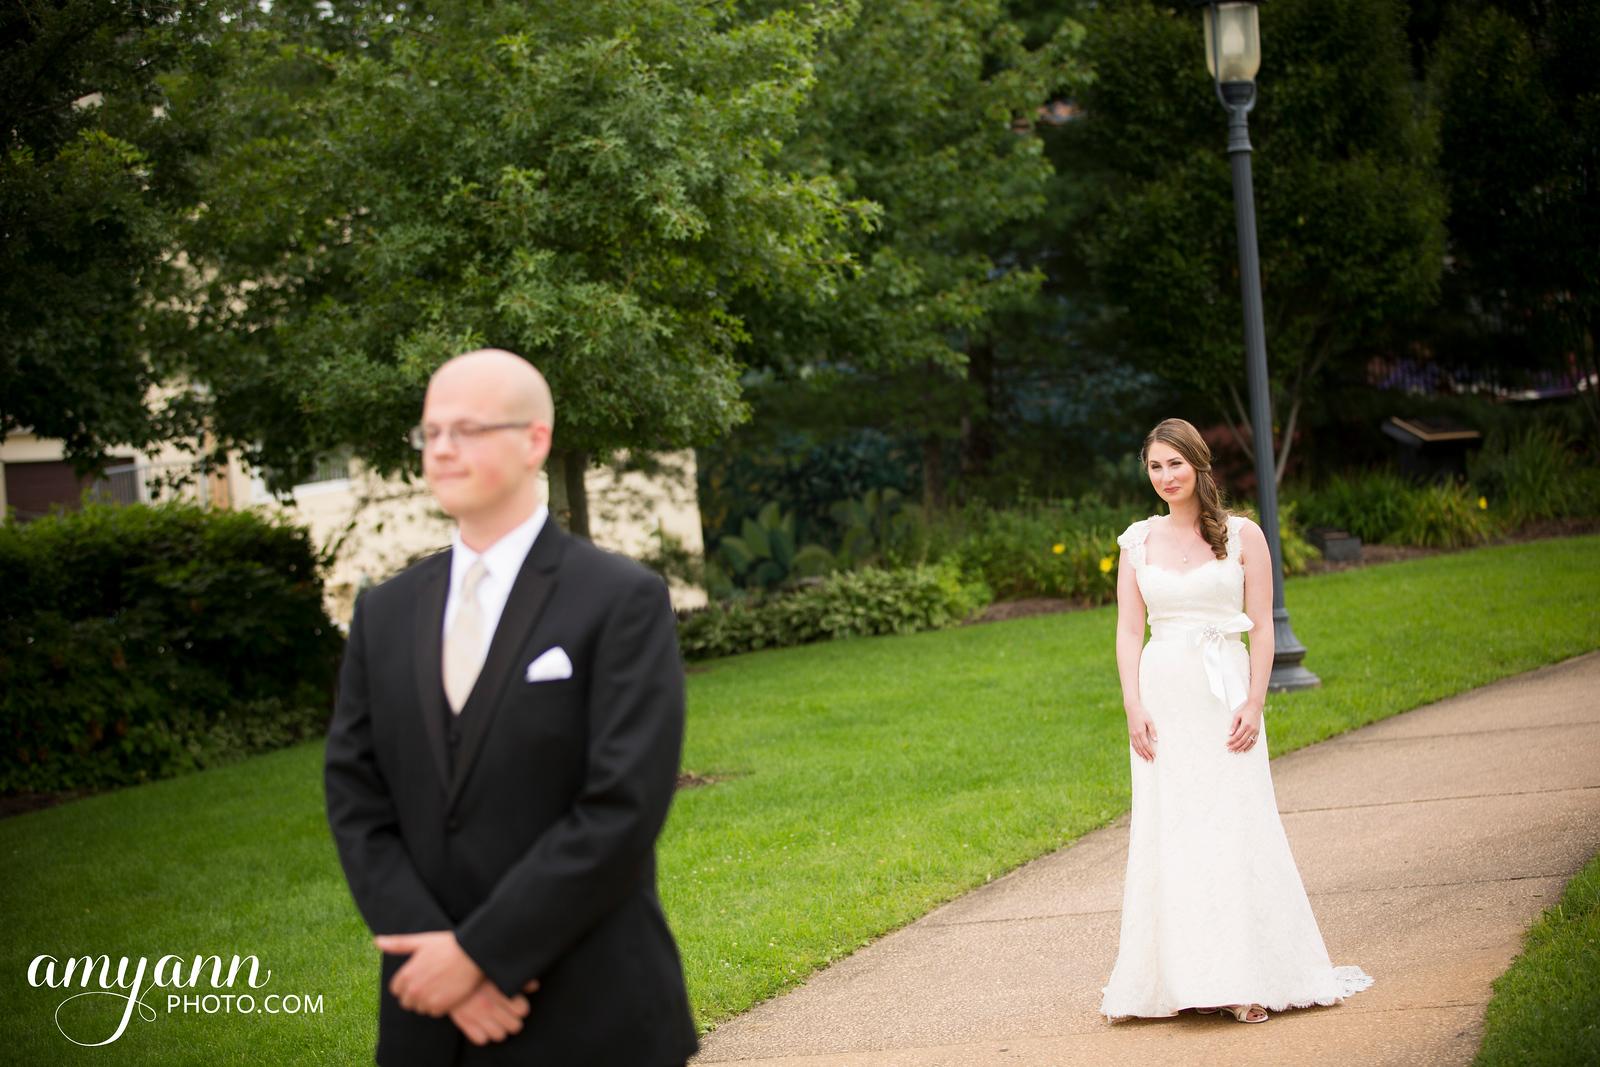 liznick_wedding10